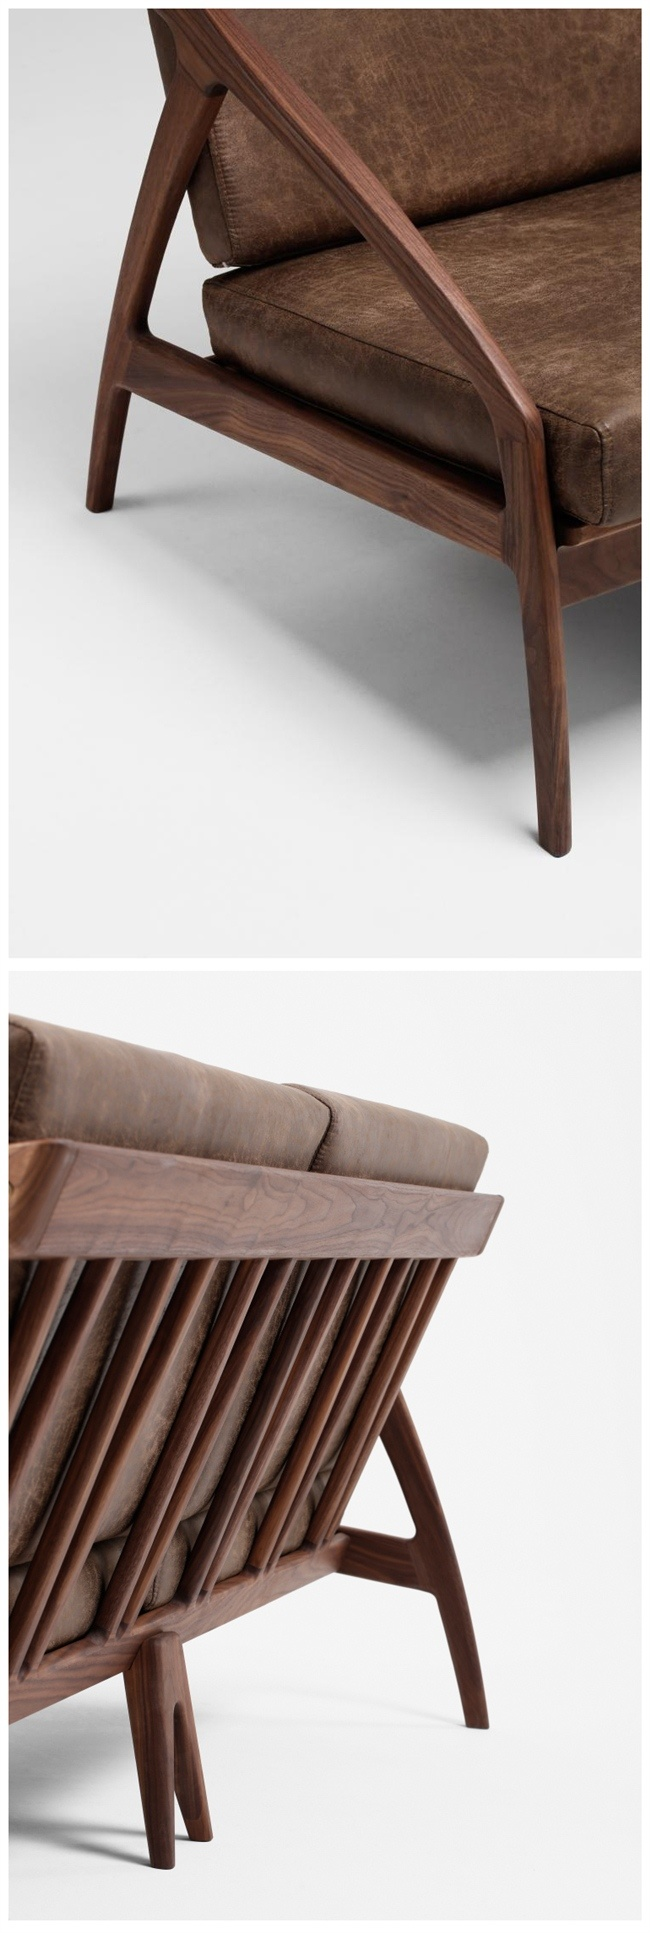 Chambre à coucher mobilier moderne en bois de hêtre